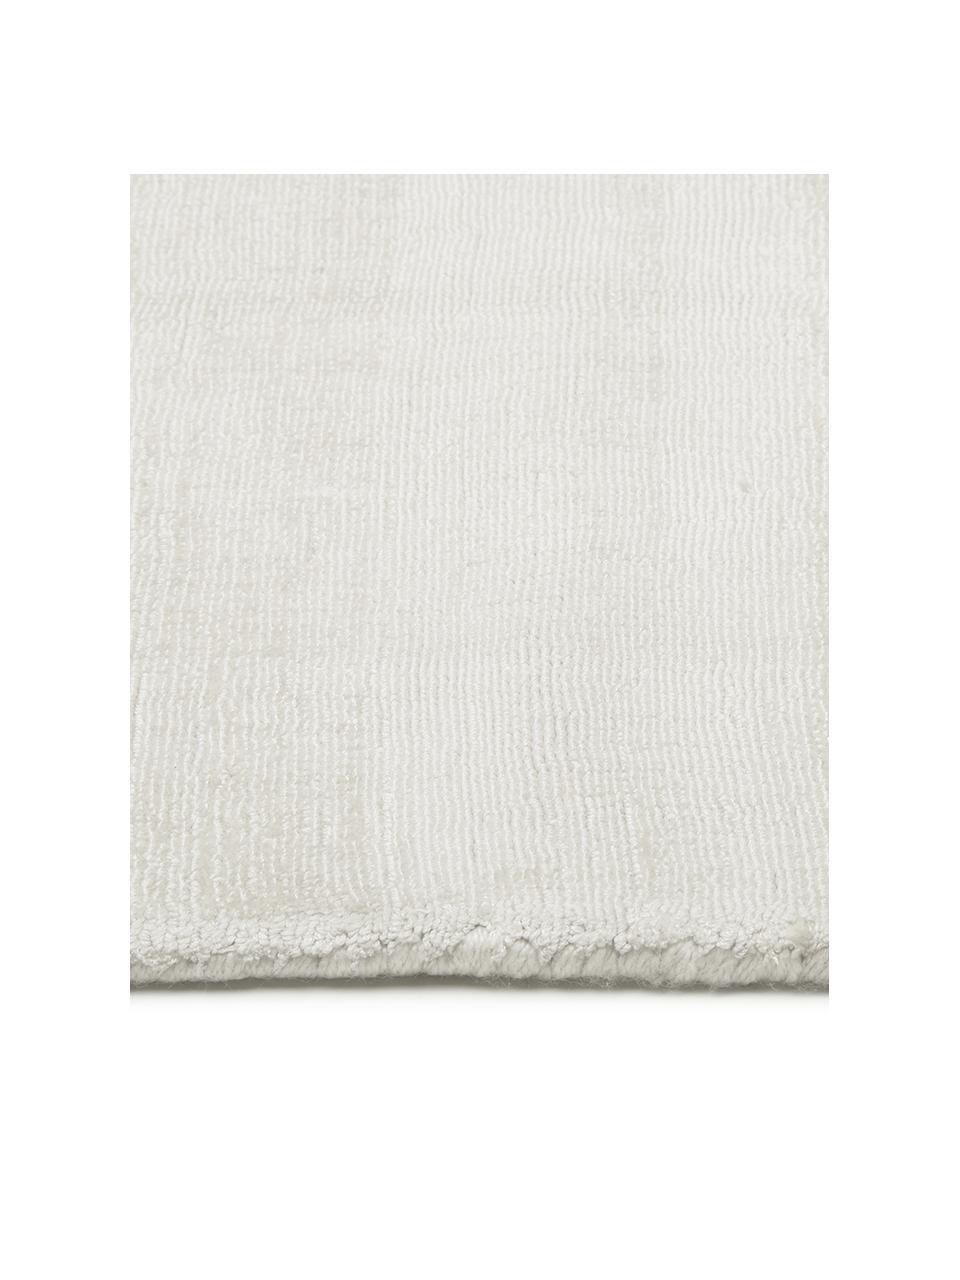 Tappeto in viscosa color avorio tessuto a mano Jane, Retro: 100% cotone, Color avorio, Larg. 120 x Lung. 180 cm (taglia S)